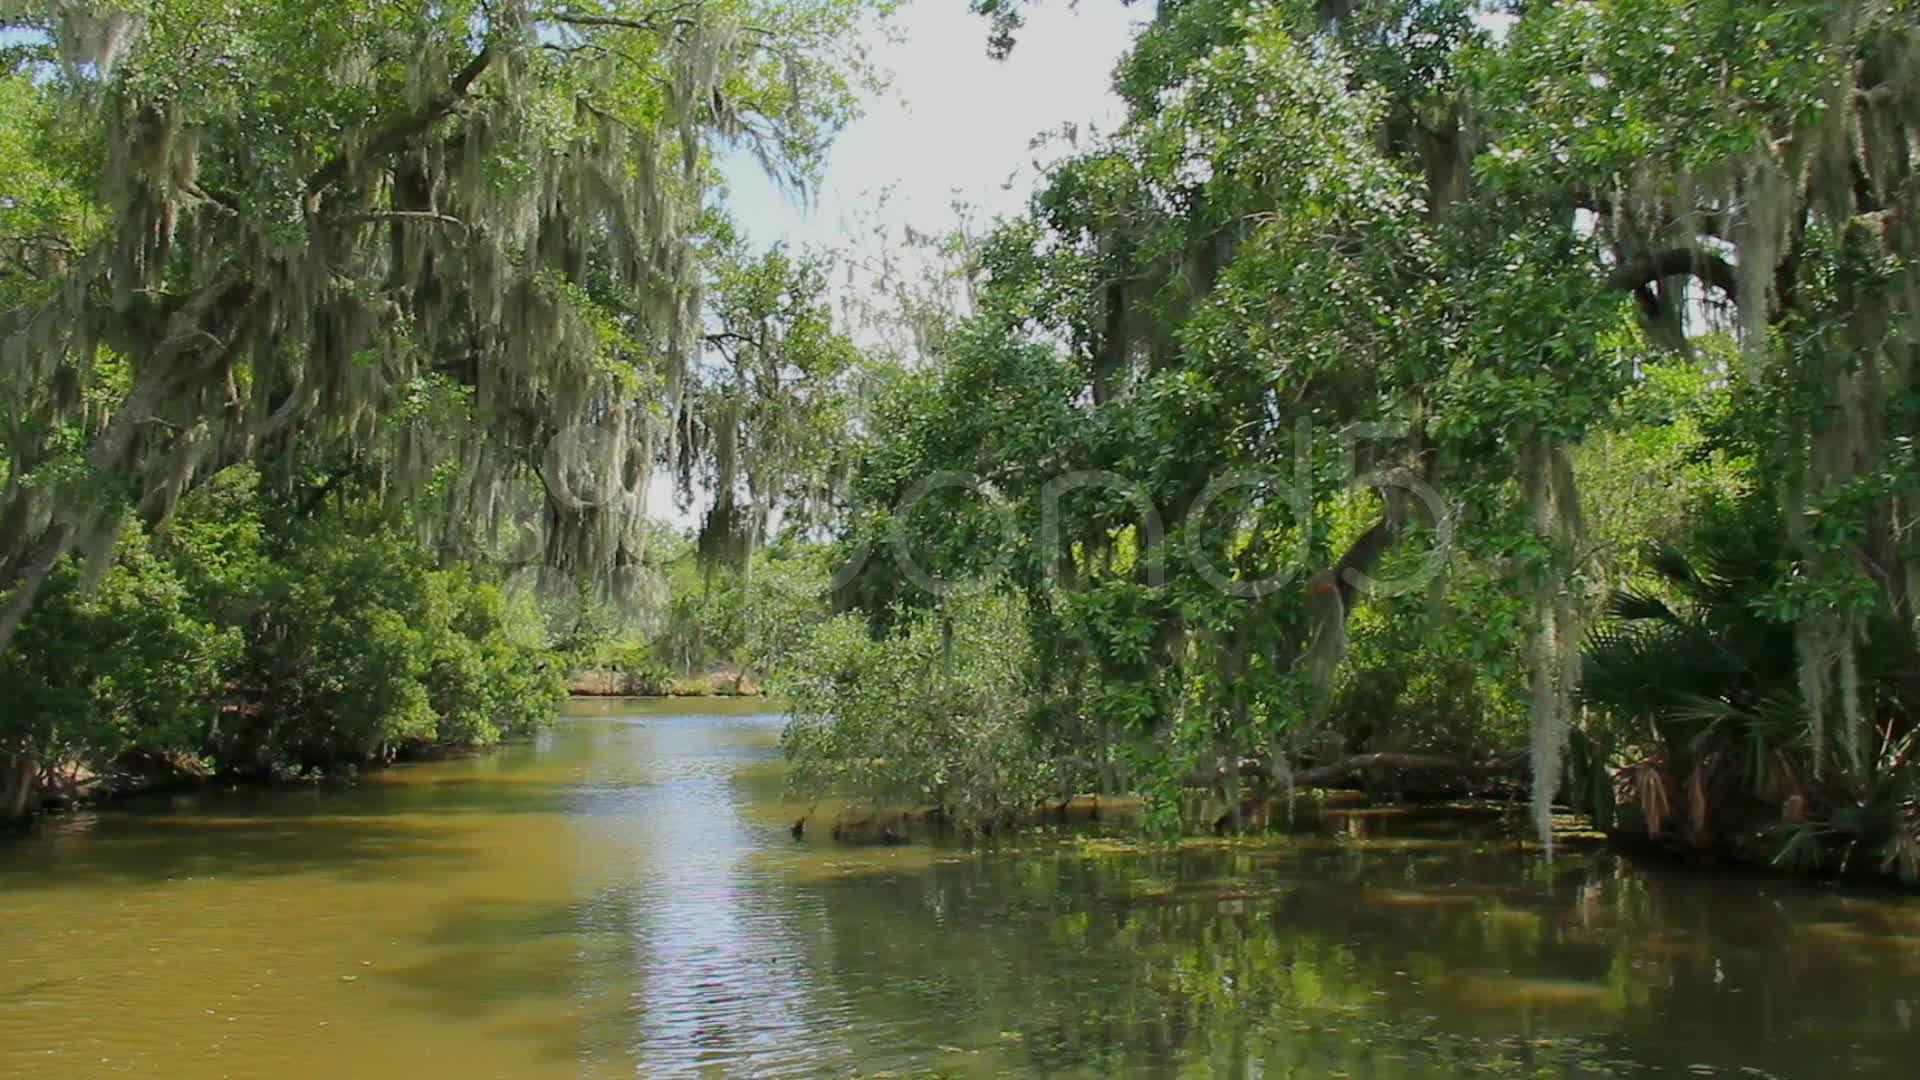 Bayou Swamp 2 SD HD 4K Stock Footage 11267748 Pond5 1920x1080